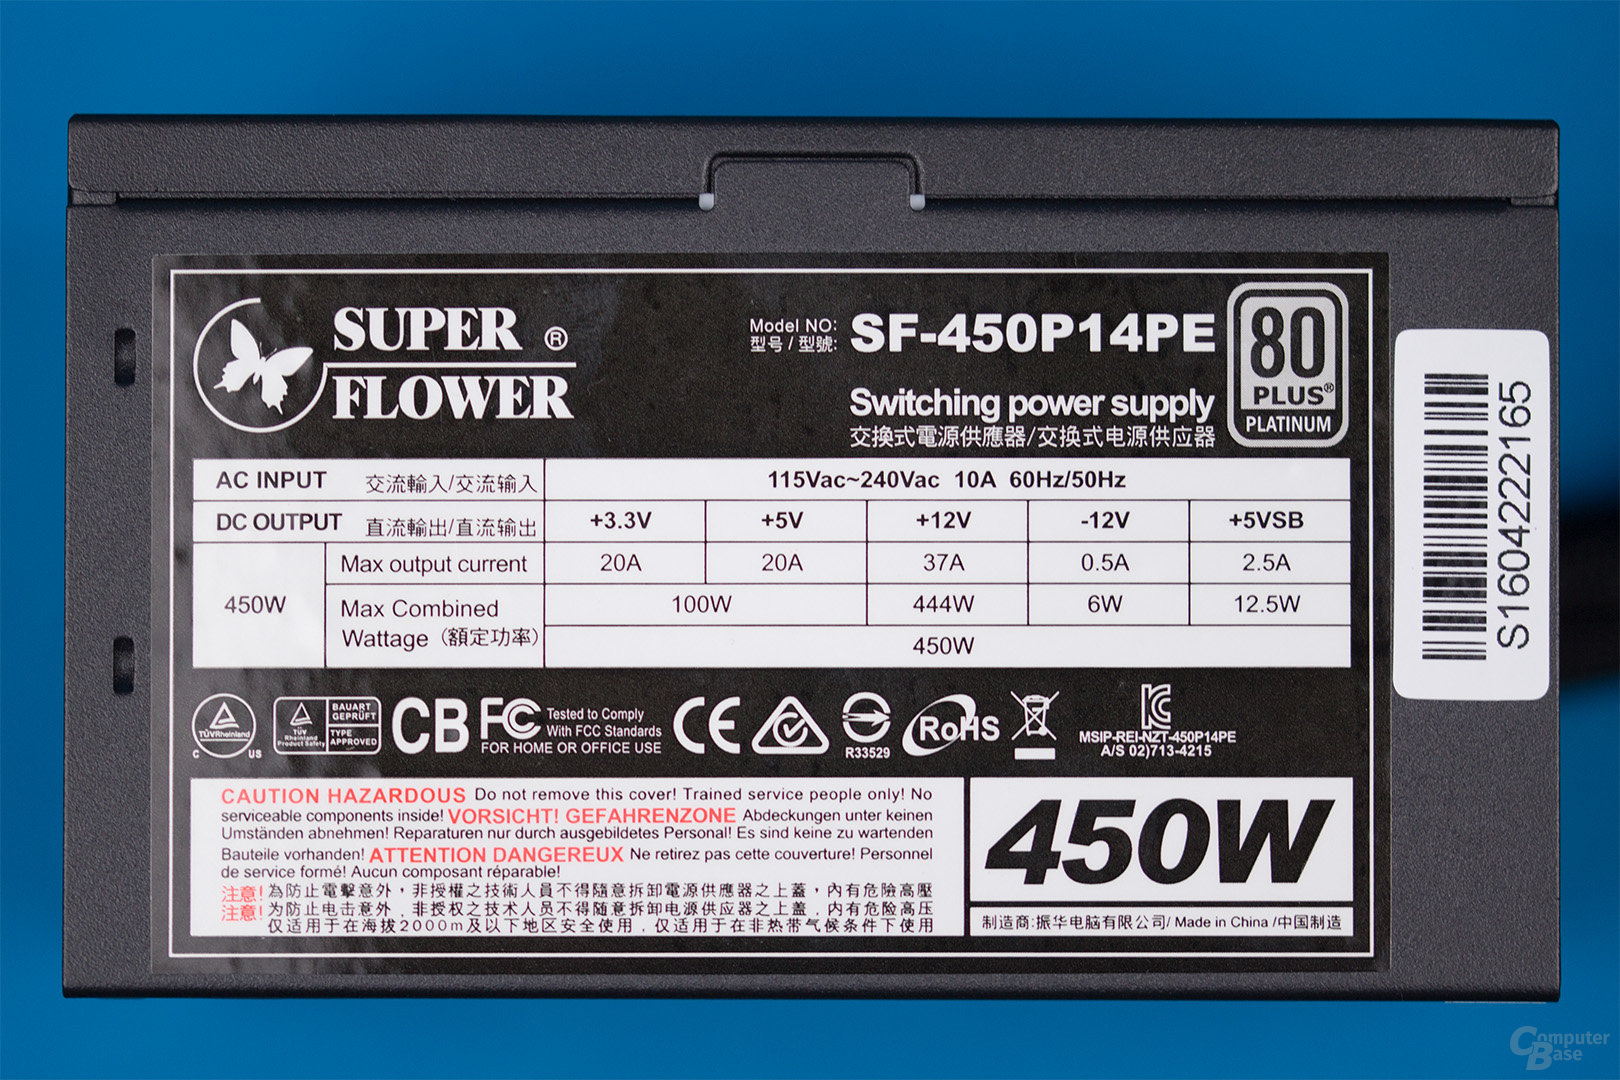 Super Flower Platinum King 450W